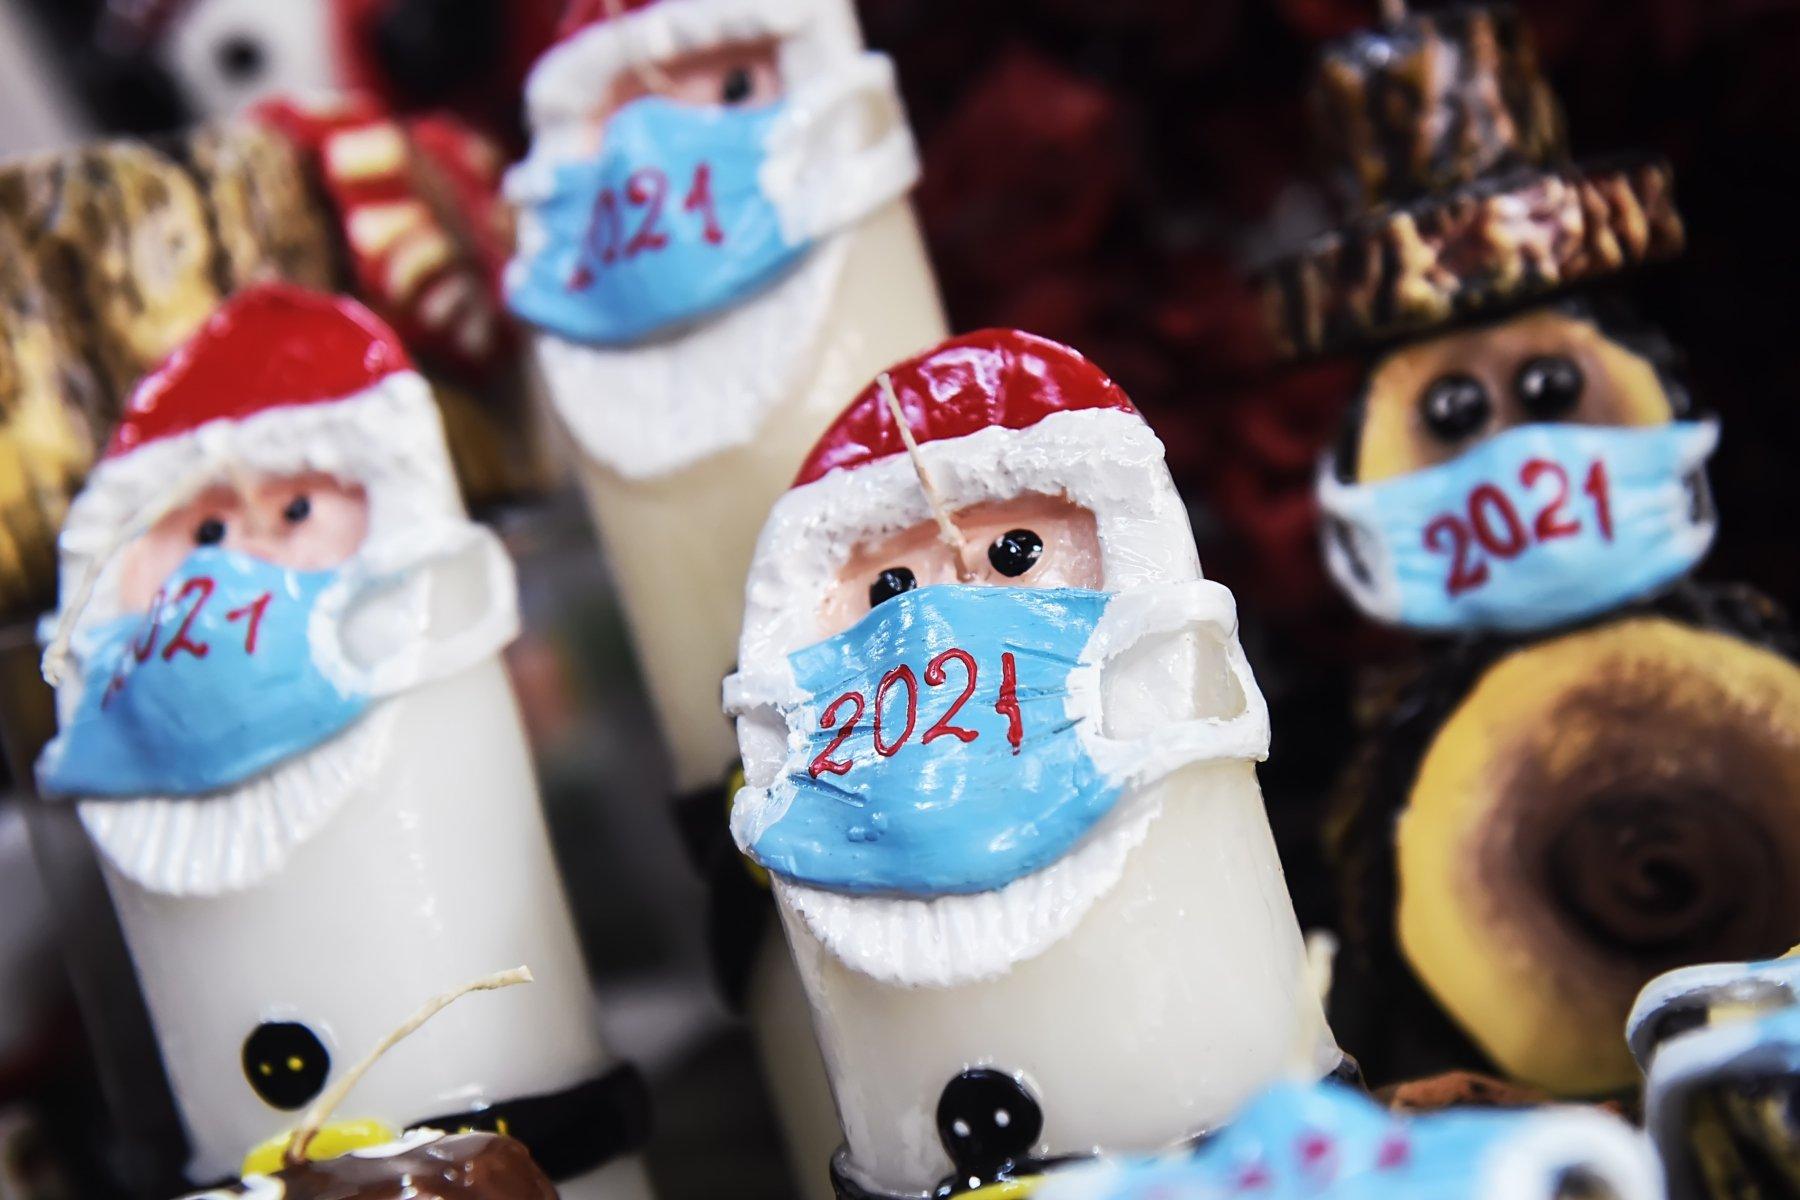 Ελλάδα κορωνοϊός: Χριστούγεννα και Πρωτοχρονιά χωρίς μετακινήσεις από νομό σε νομό | Ειδησεις | Pagenews.gr